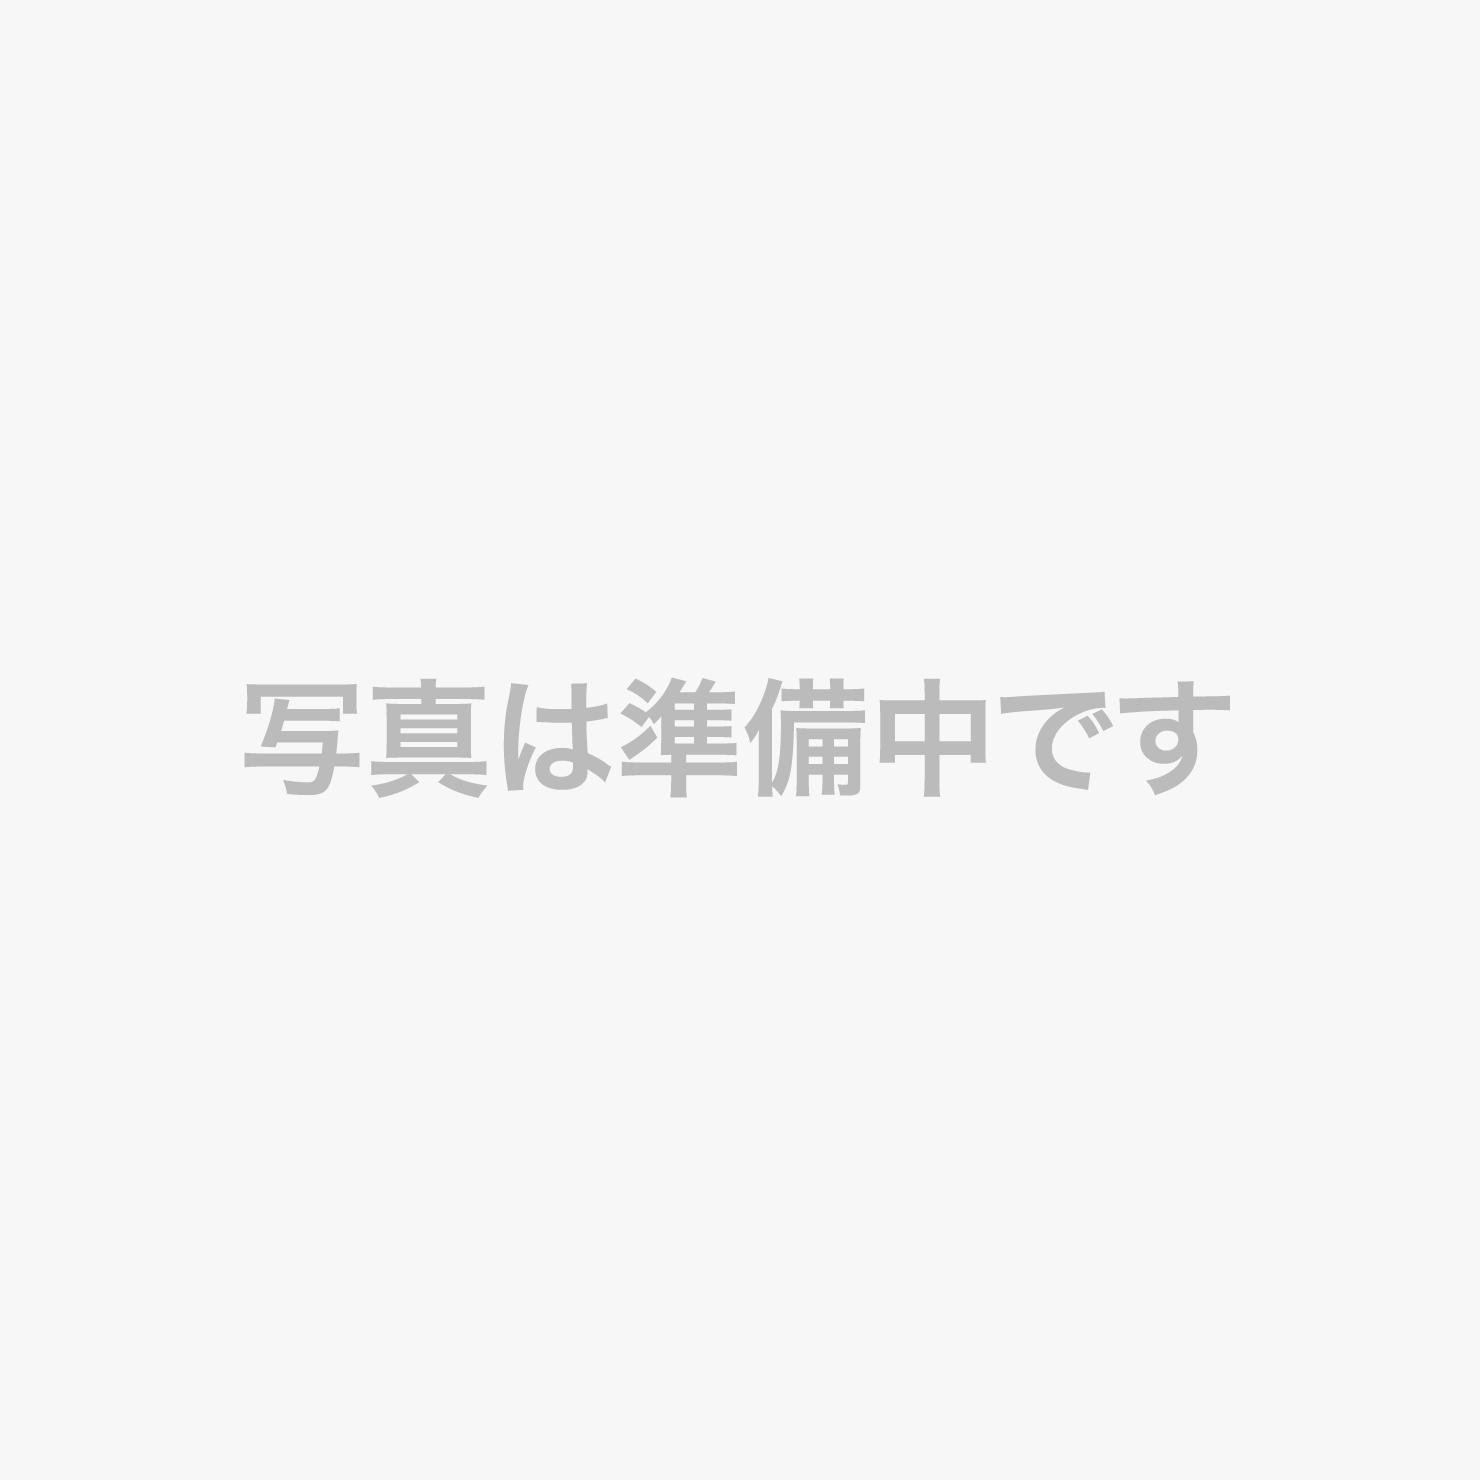 お漬物で野沢菜って長野県が発祥だったって知らない方が案外多いんです。さすが本場の味、と言わせるだけの野沢菜を朝食でもお楽しみください。